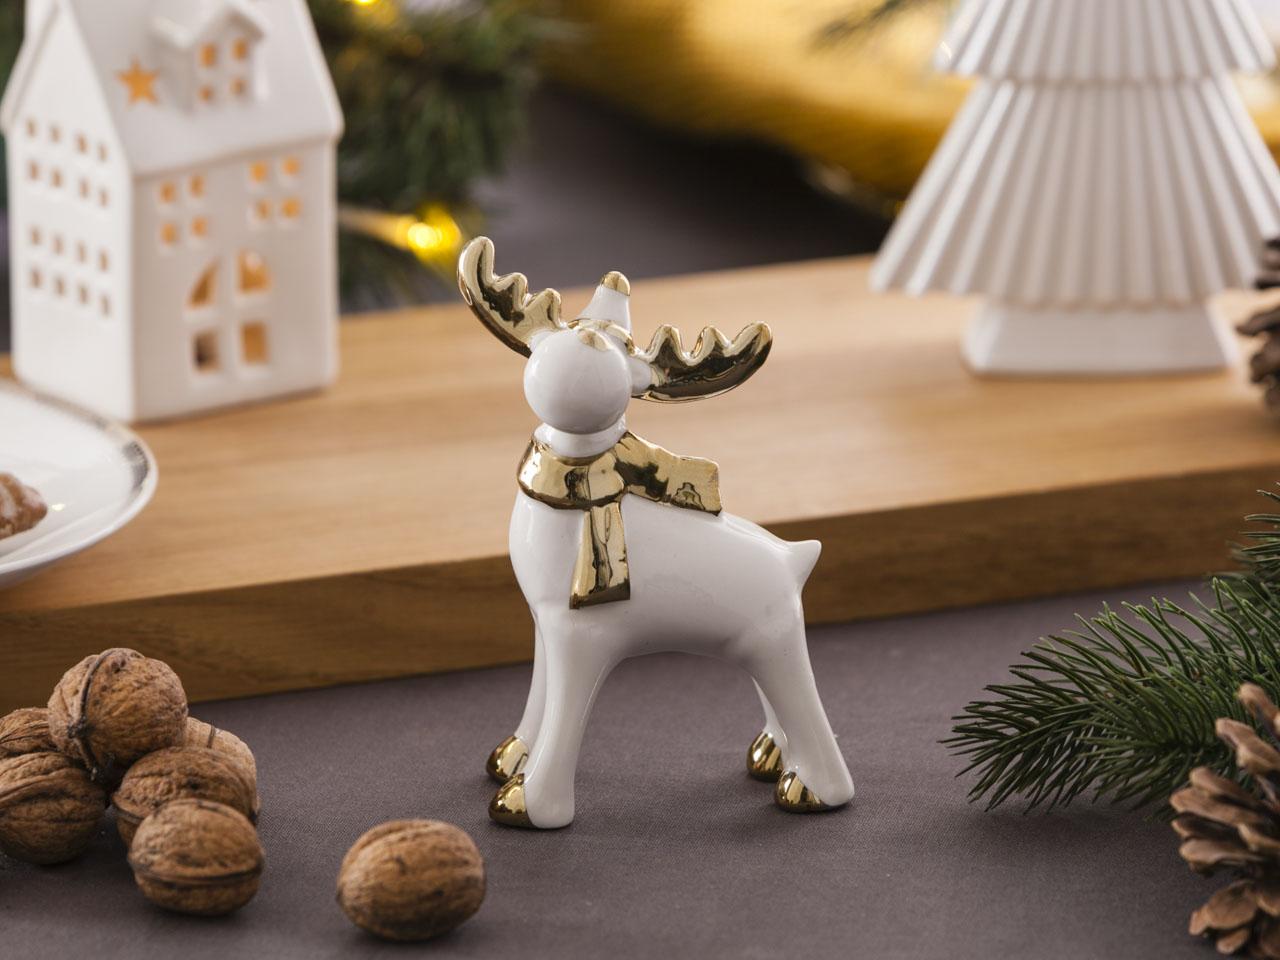 Ozdoba / figurka / dekoracja świąteczna Boże Narodzenie Altom Design Modern renifer biały ze złotem 8,5x7x12,5 cm